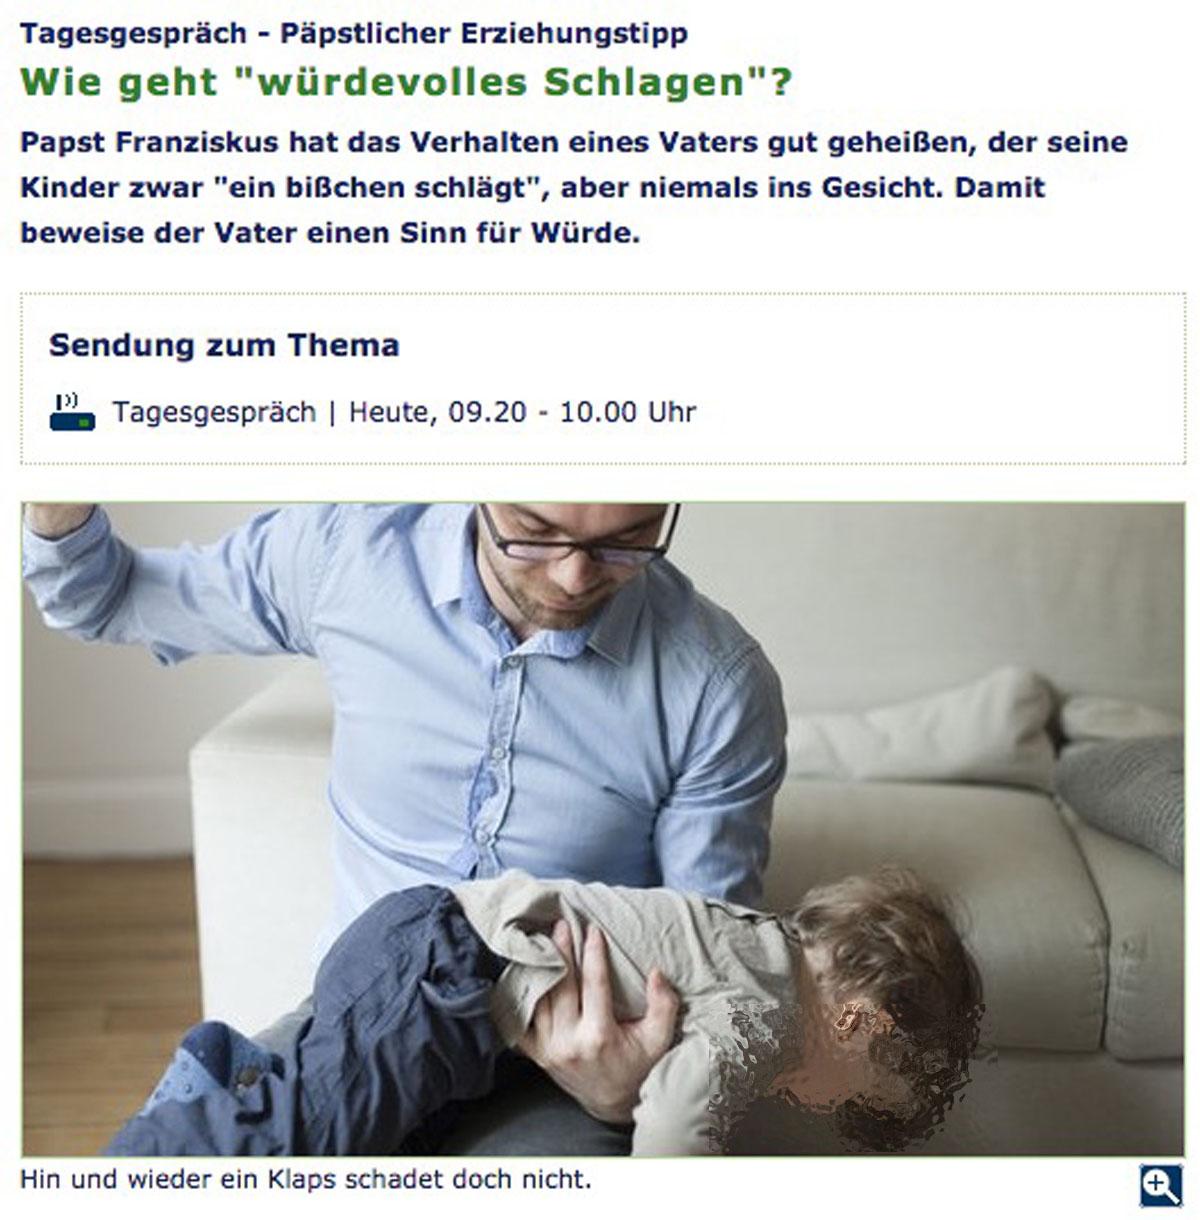 WDR5 - Würdevolles Schlagen von Kindern?!